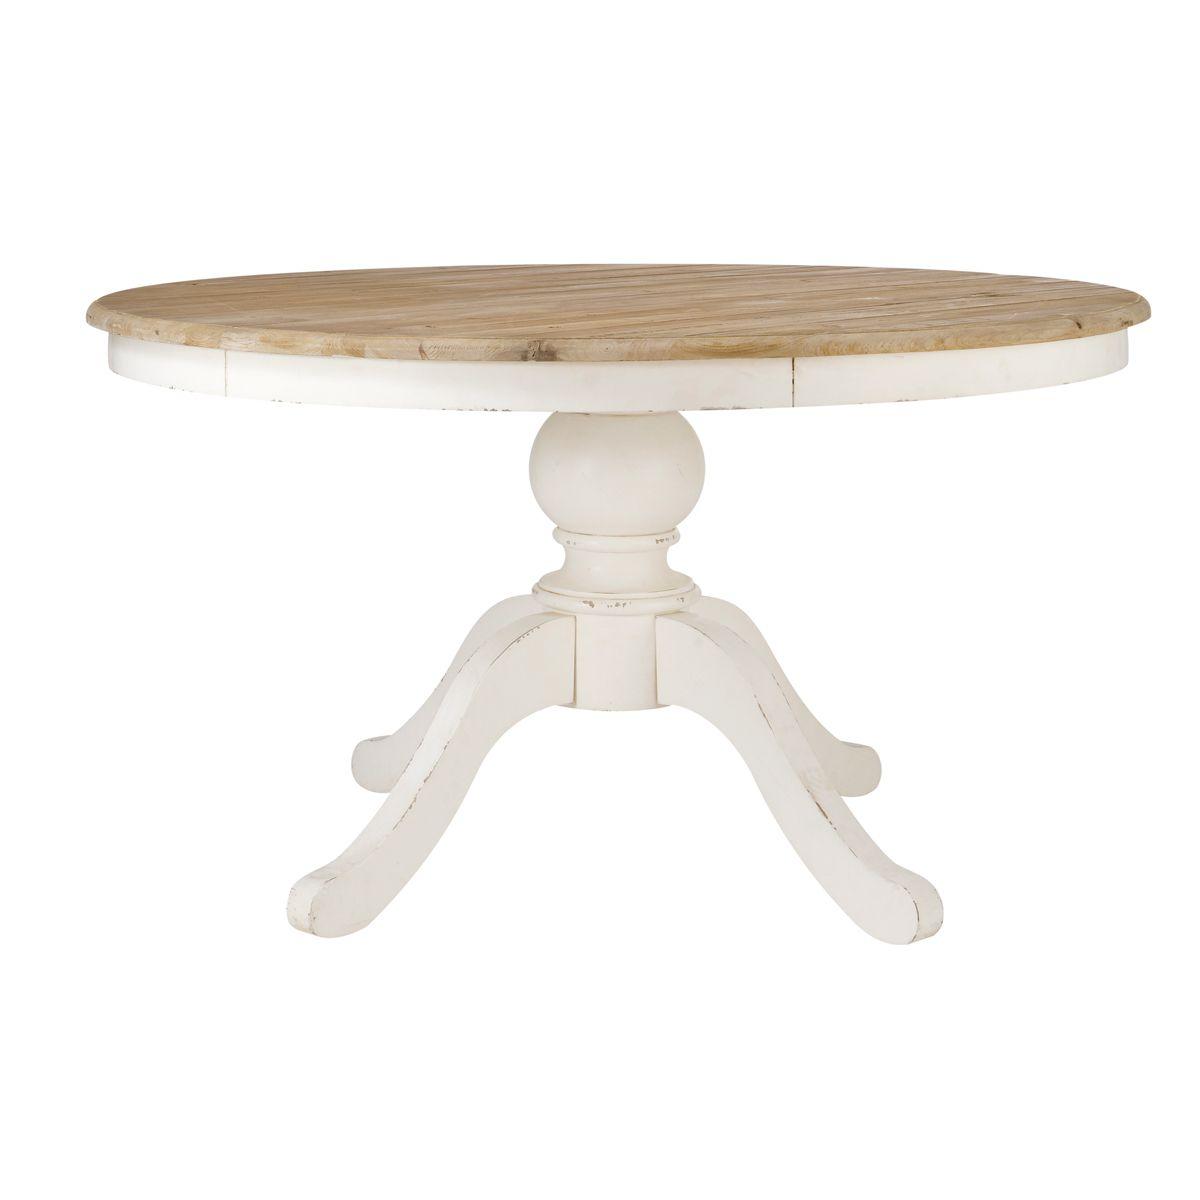 Mesa de comedor redonda marfil PROVENCE | renovacion | Pinterest ...